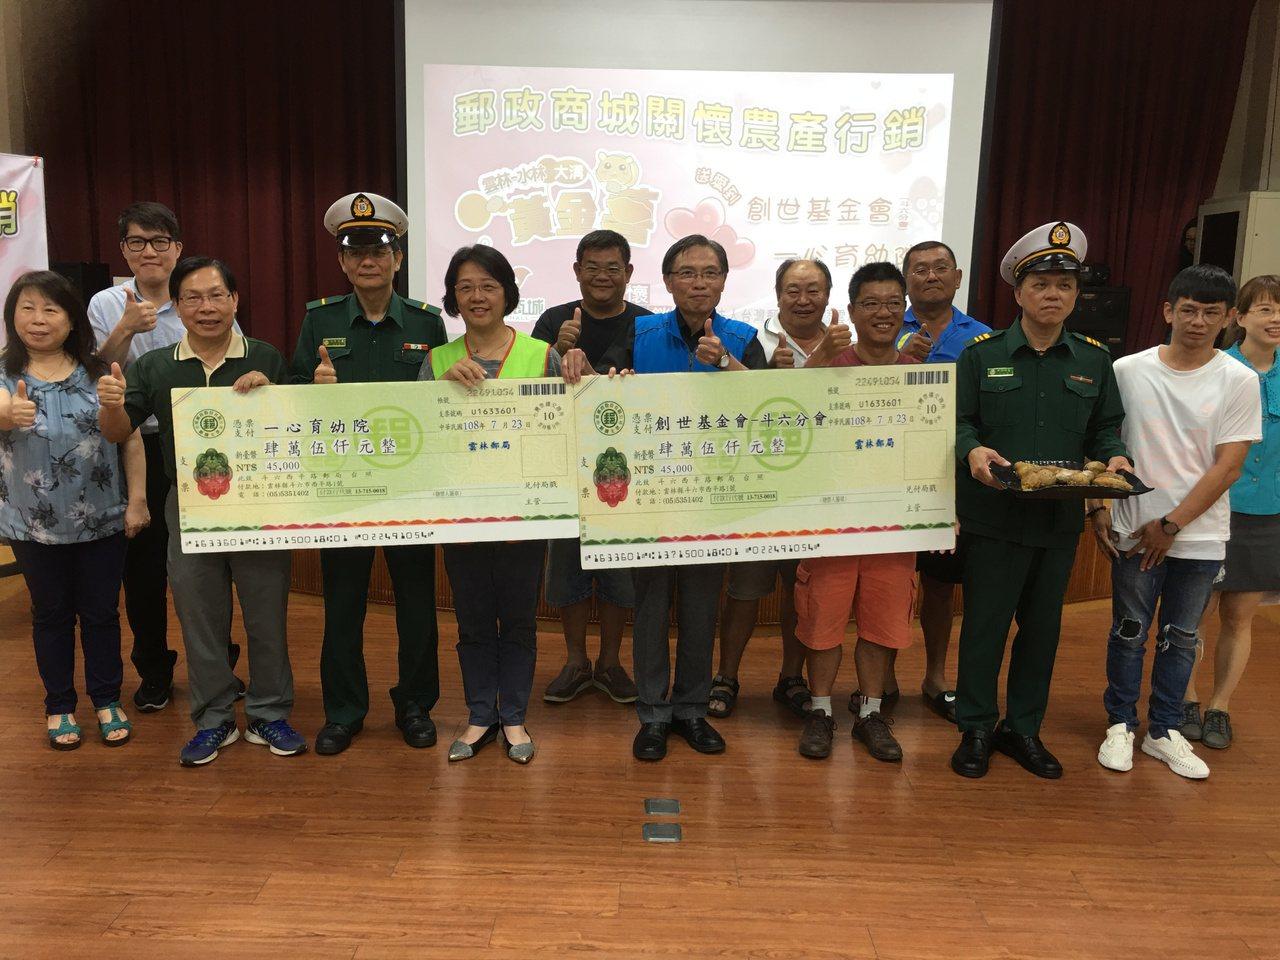 雲林郵局透過中華郵政商城平台協助在地小農行銷地瓜,每賣出一箱地瓜,就捐出10元做...